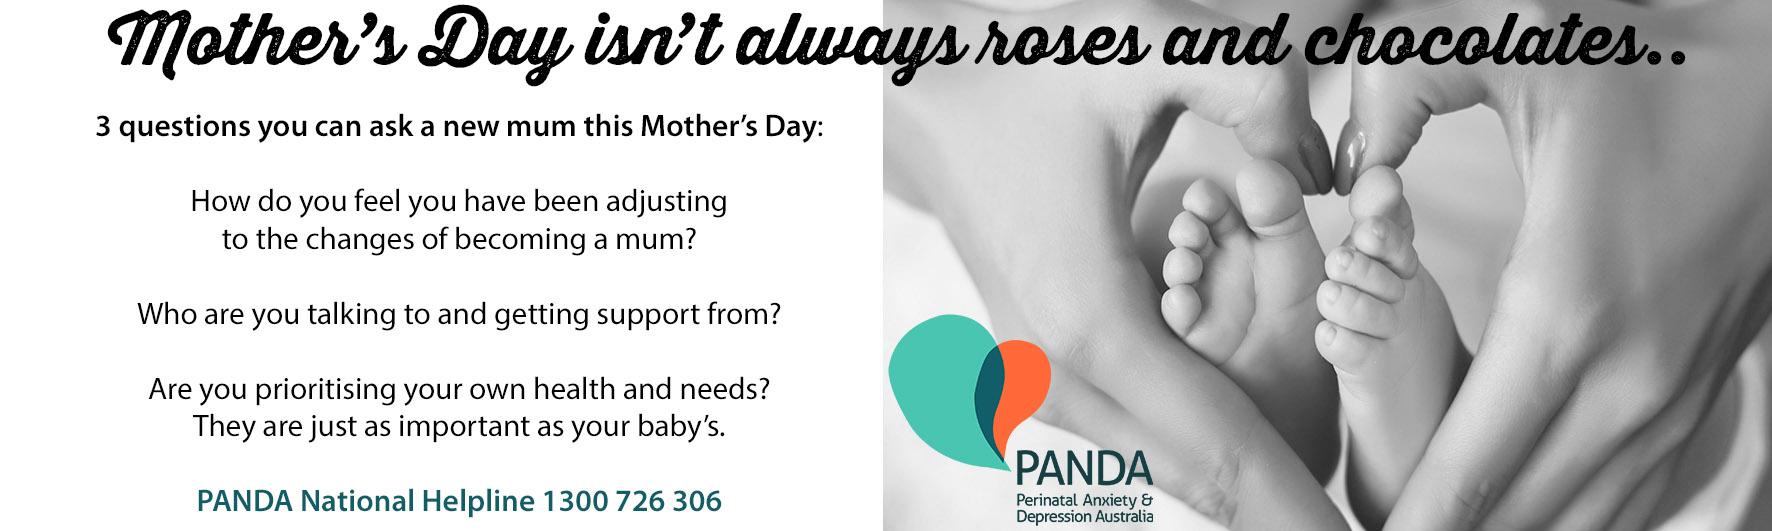 PANDA-Mothers-Day